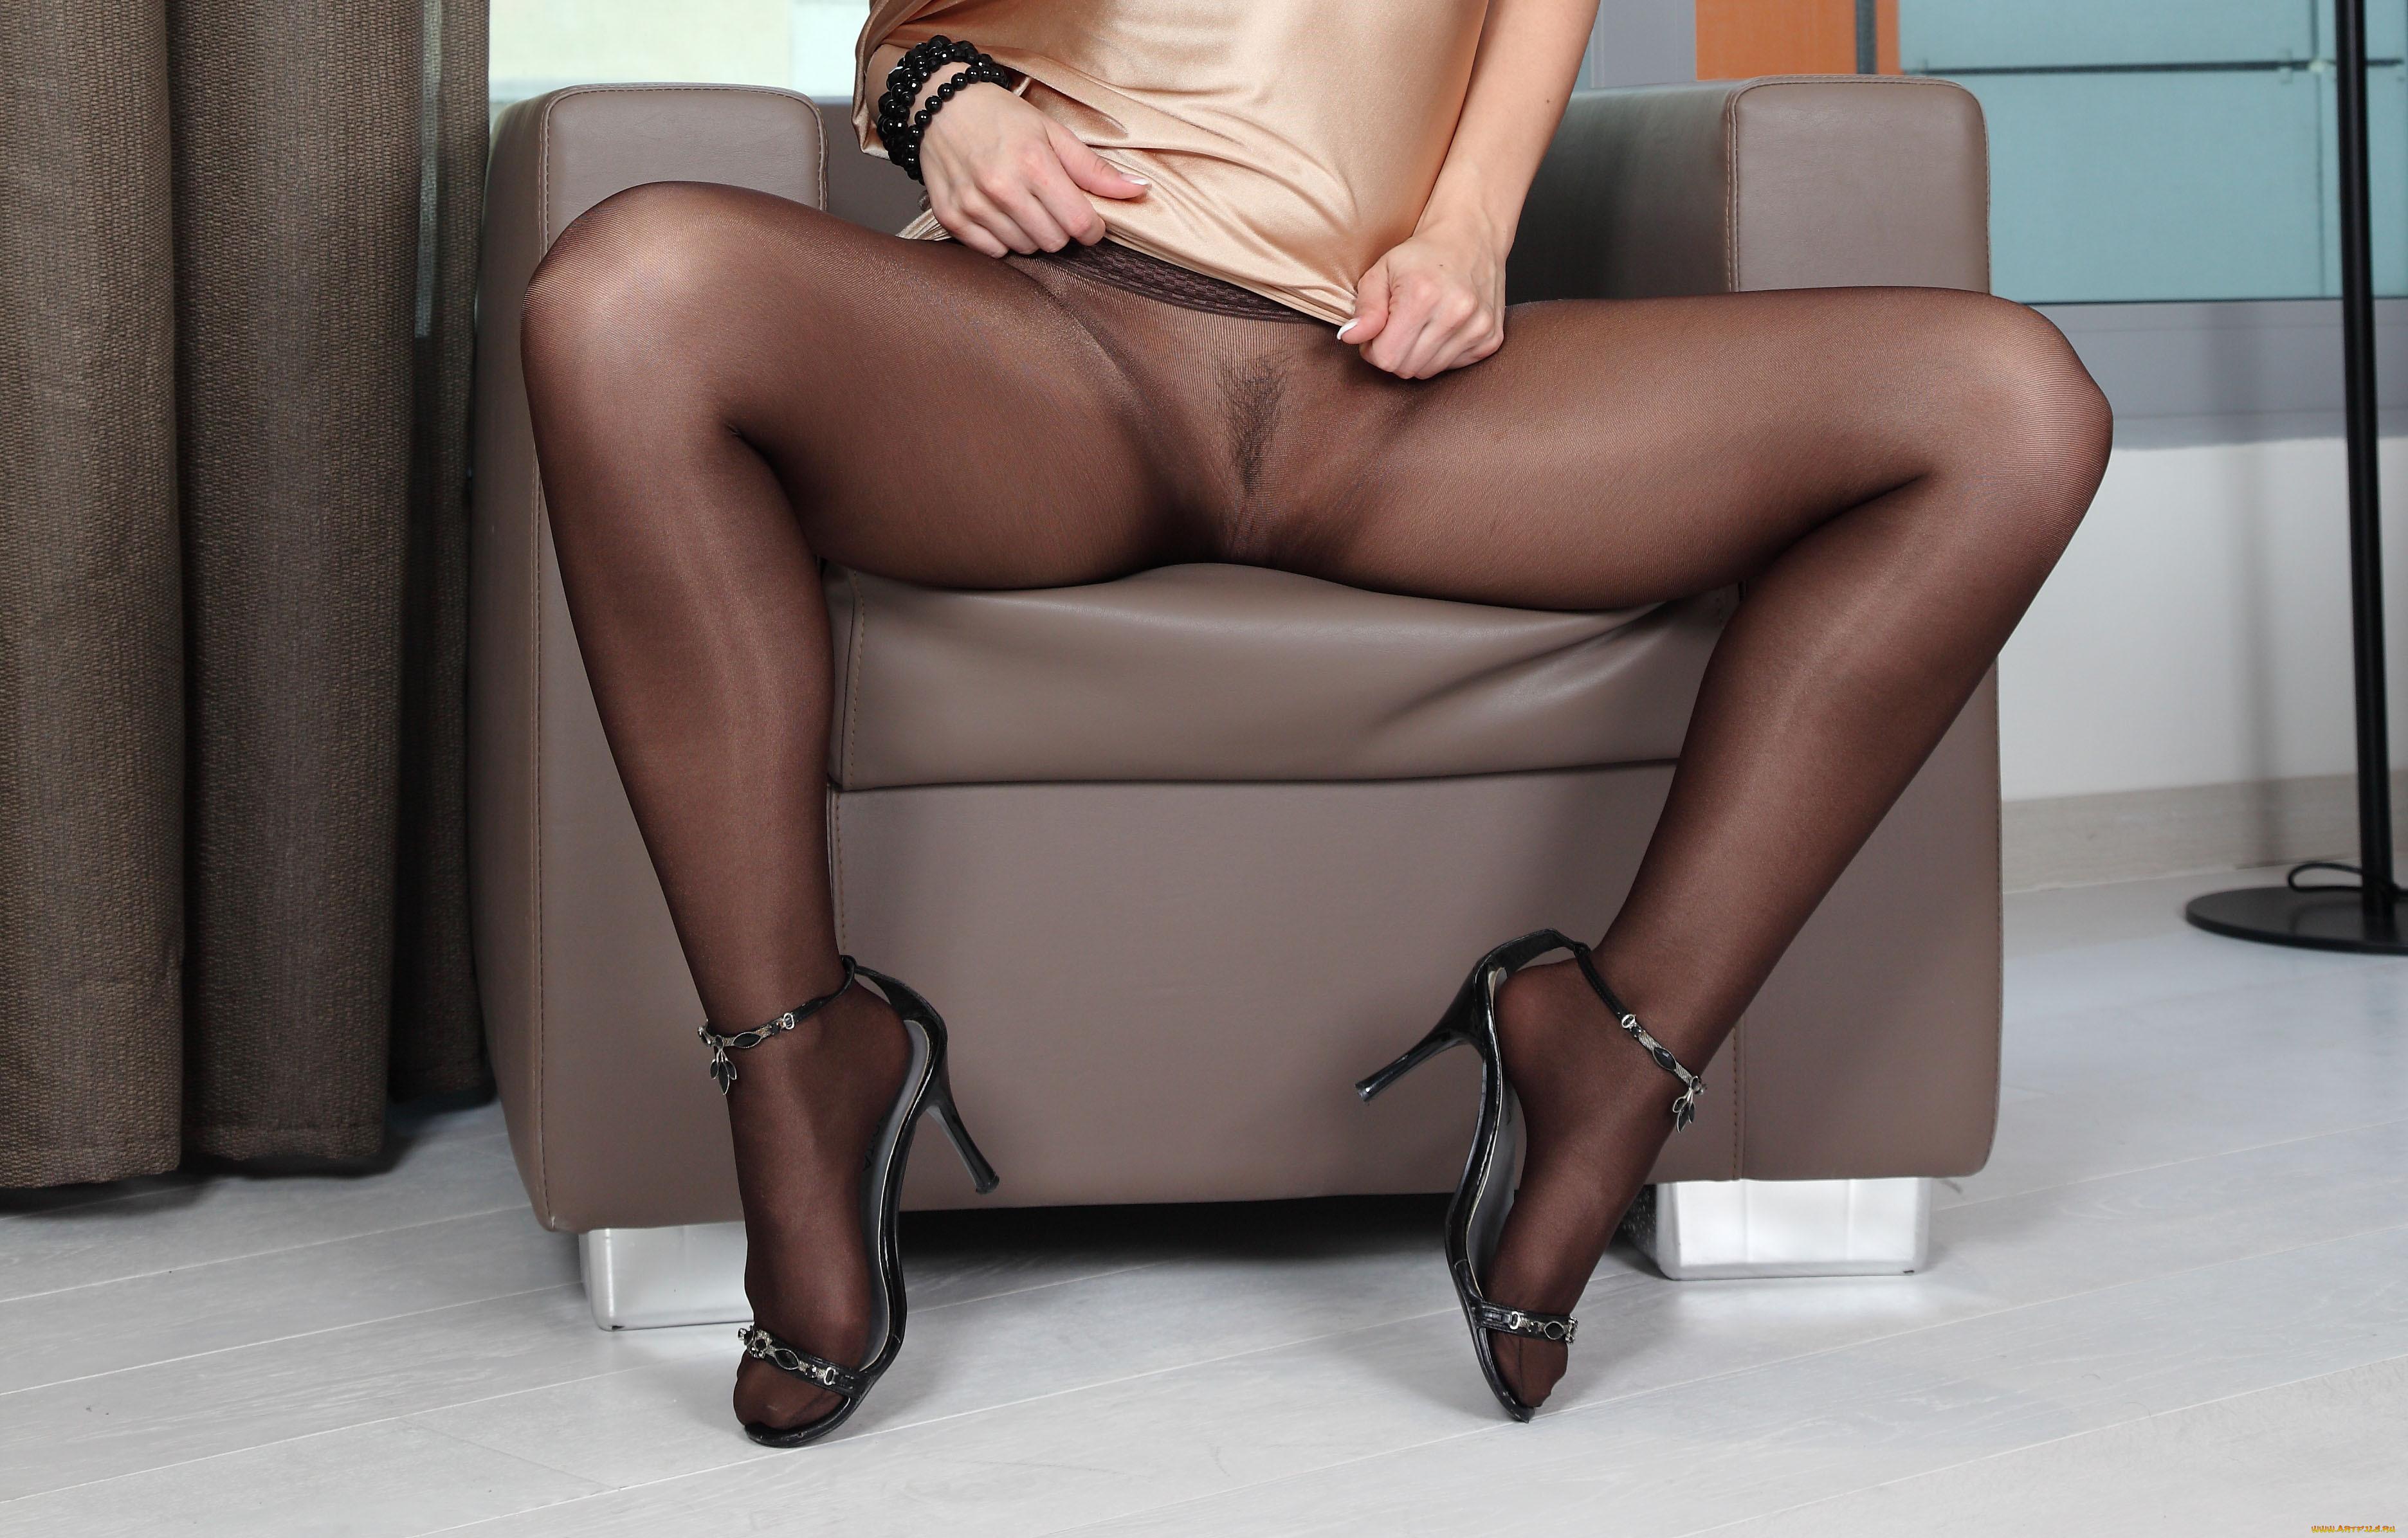 Ножки в босоножках и в капроне фото эротика, эротика толстая женщинами